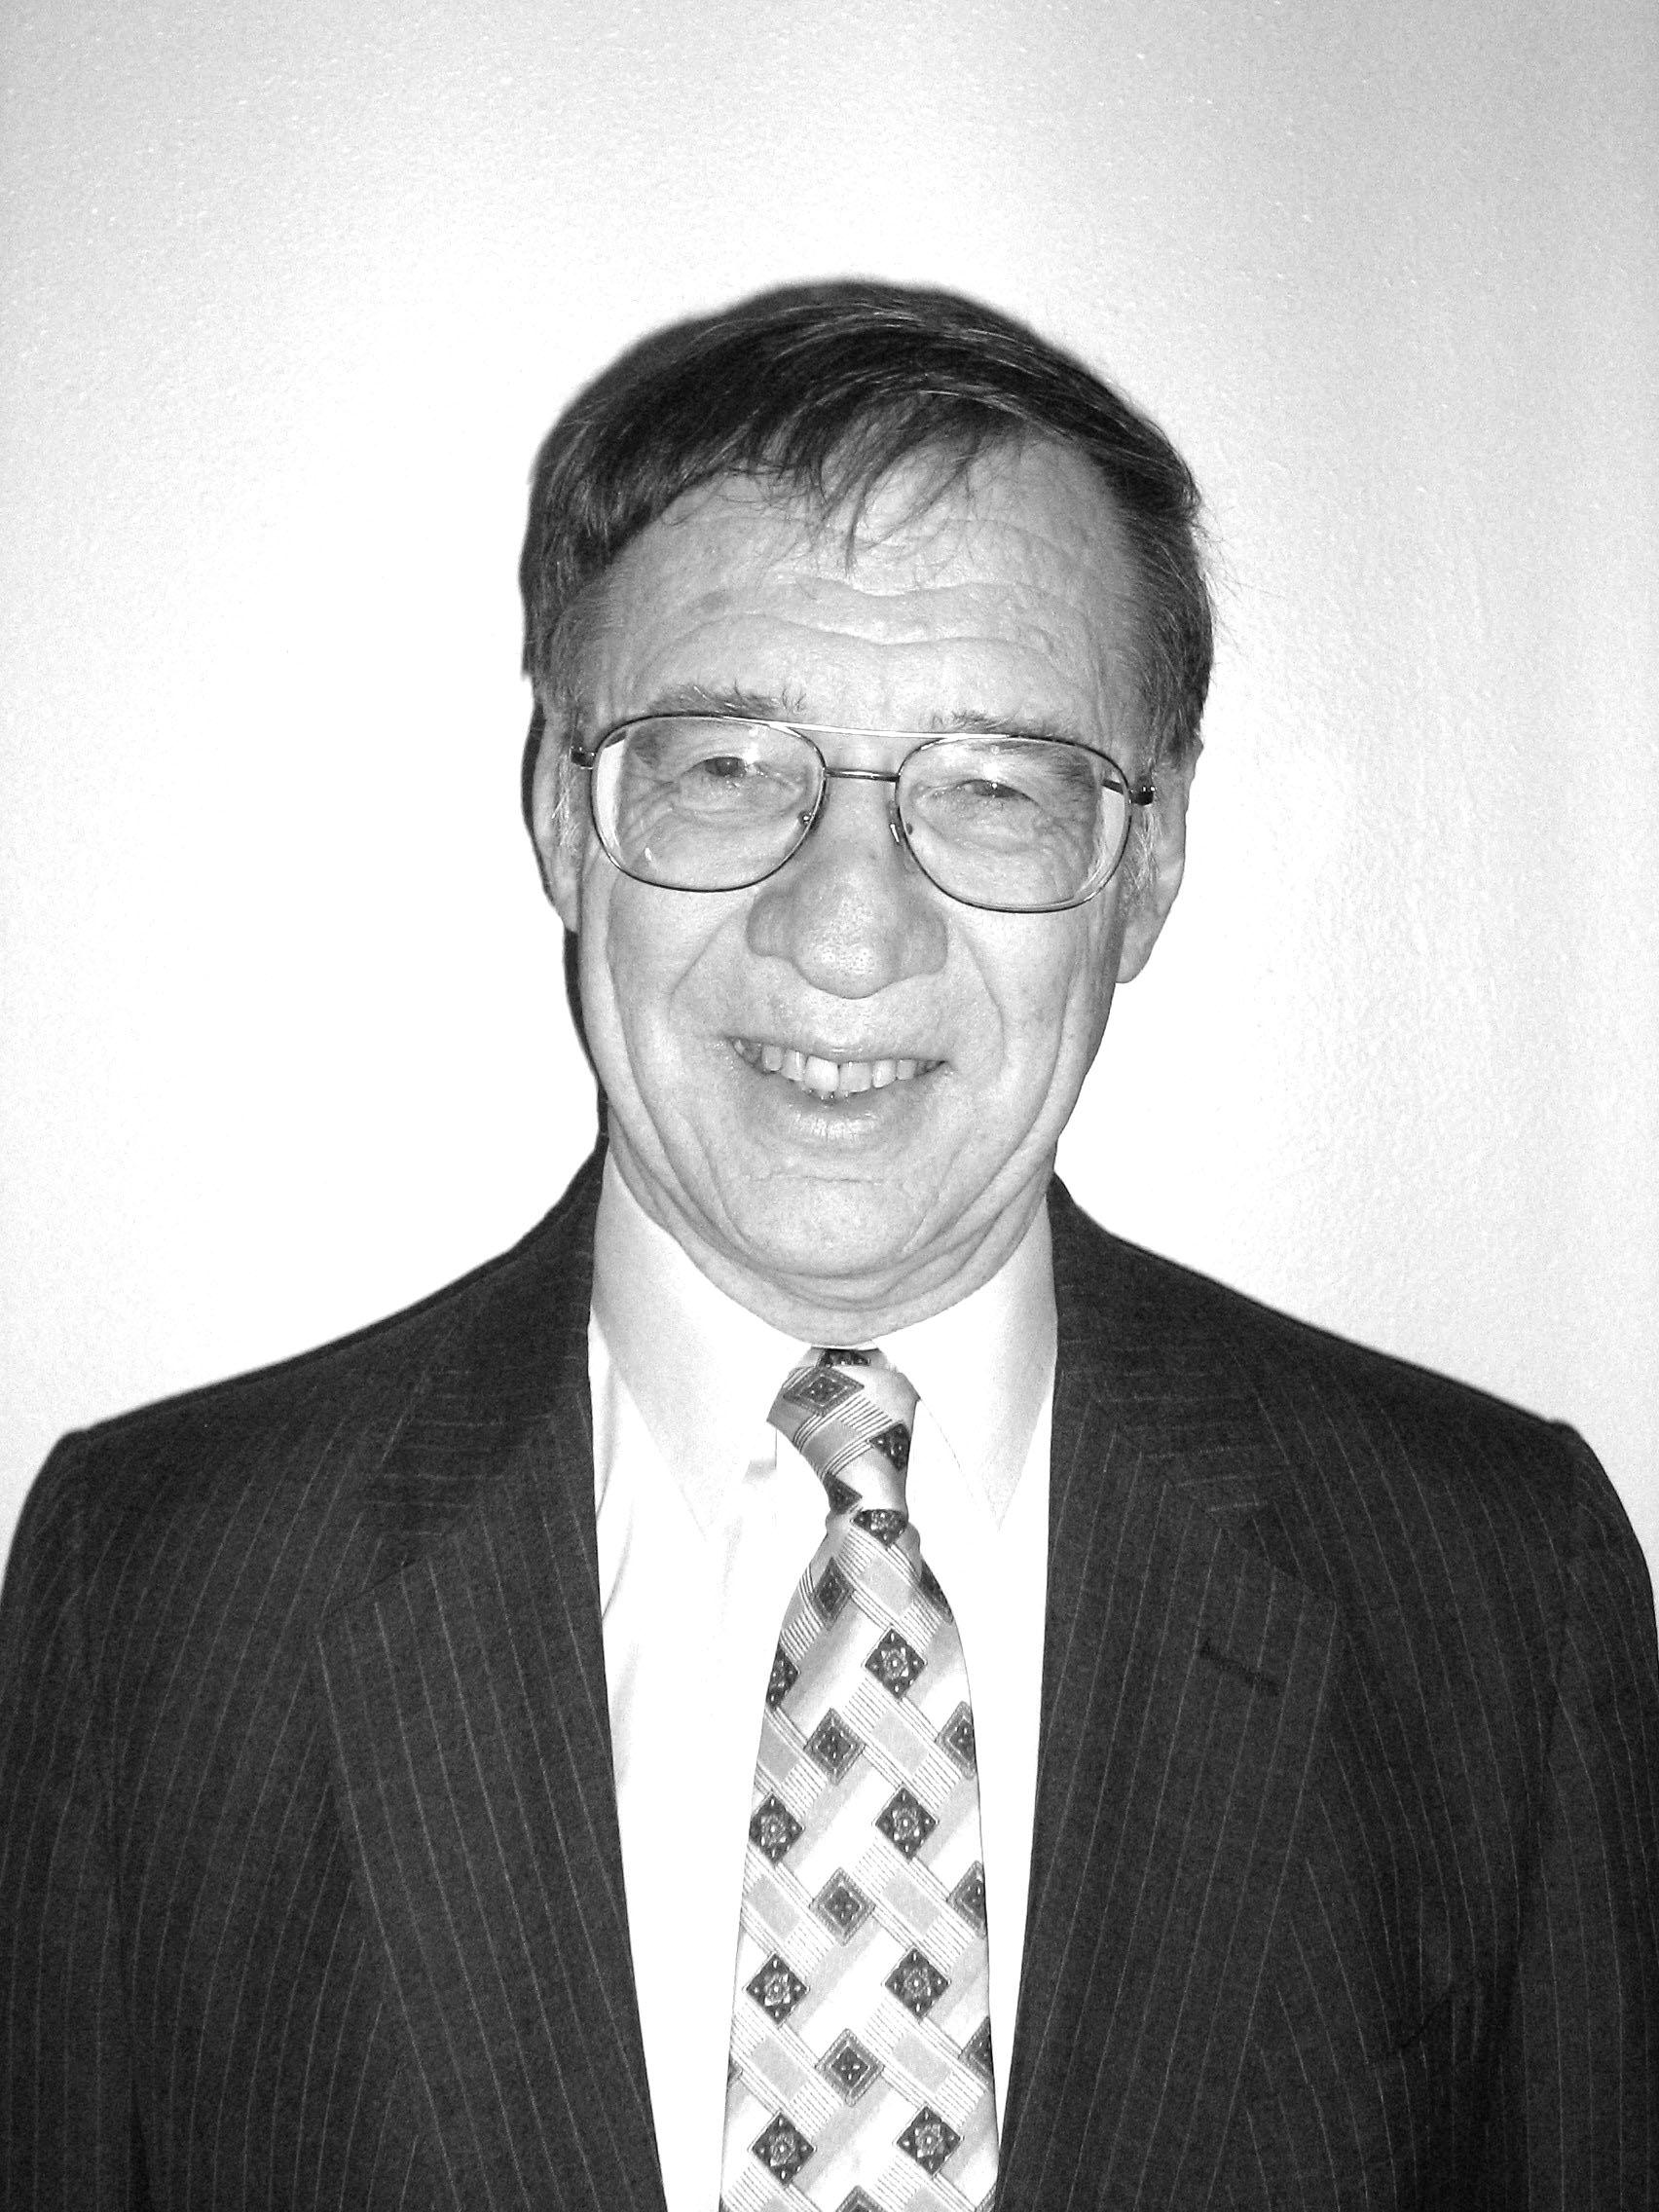 SHENK ROBERT